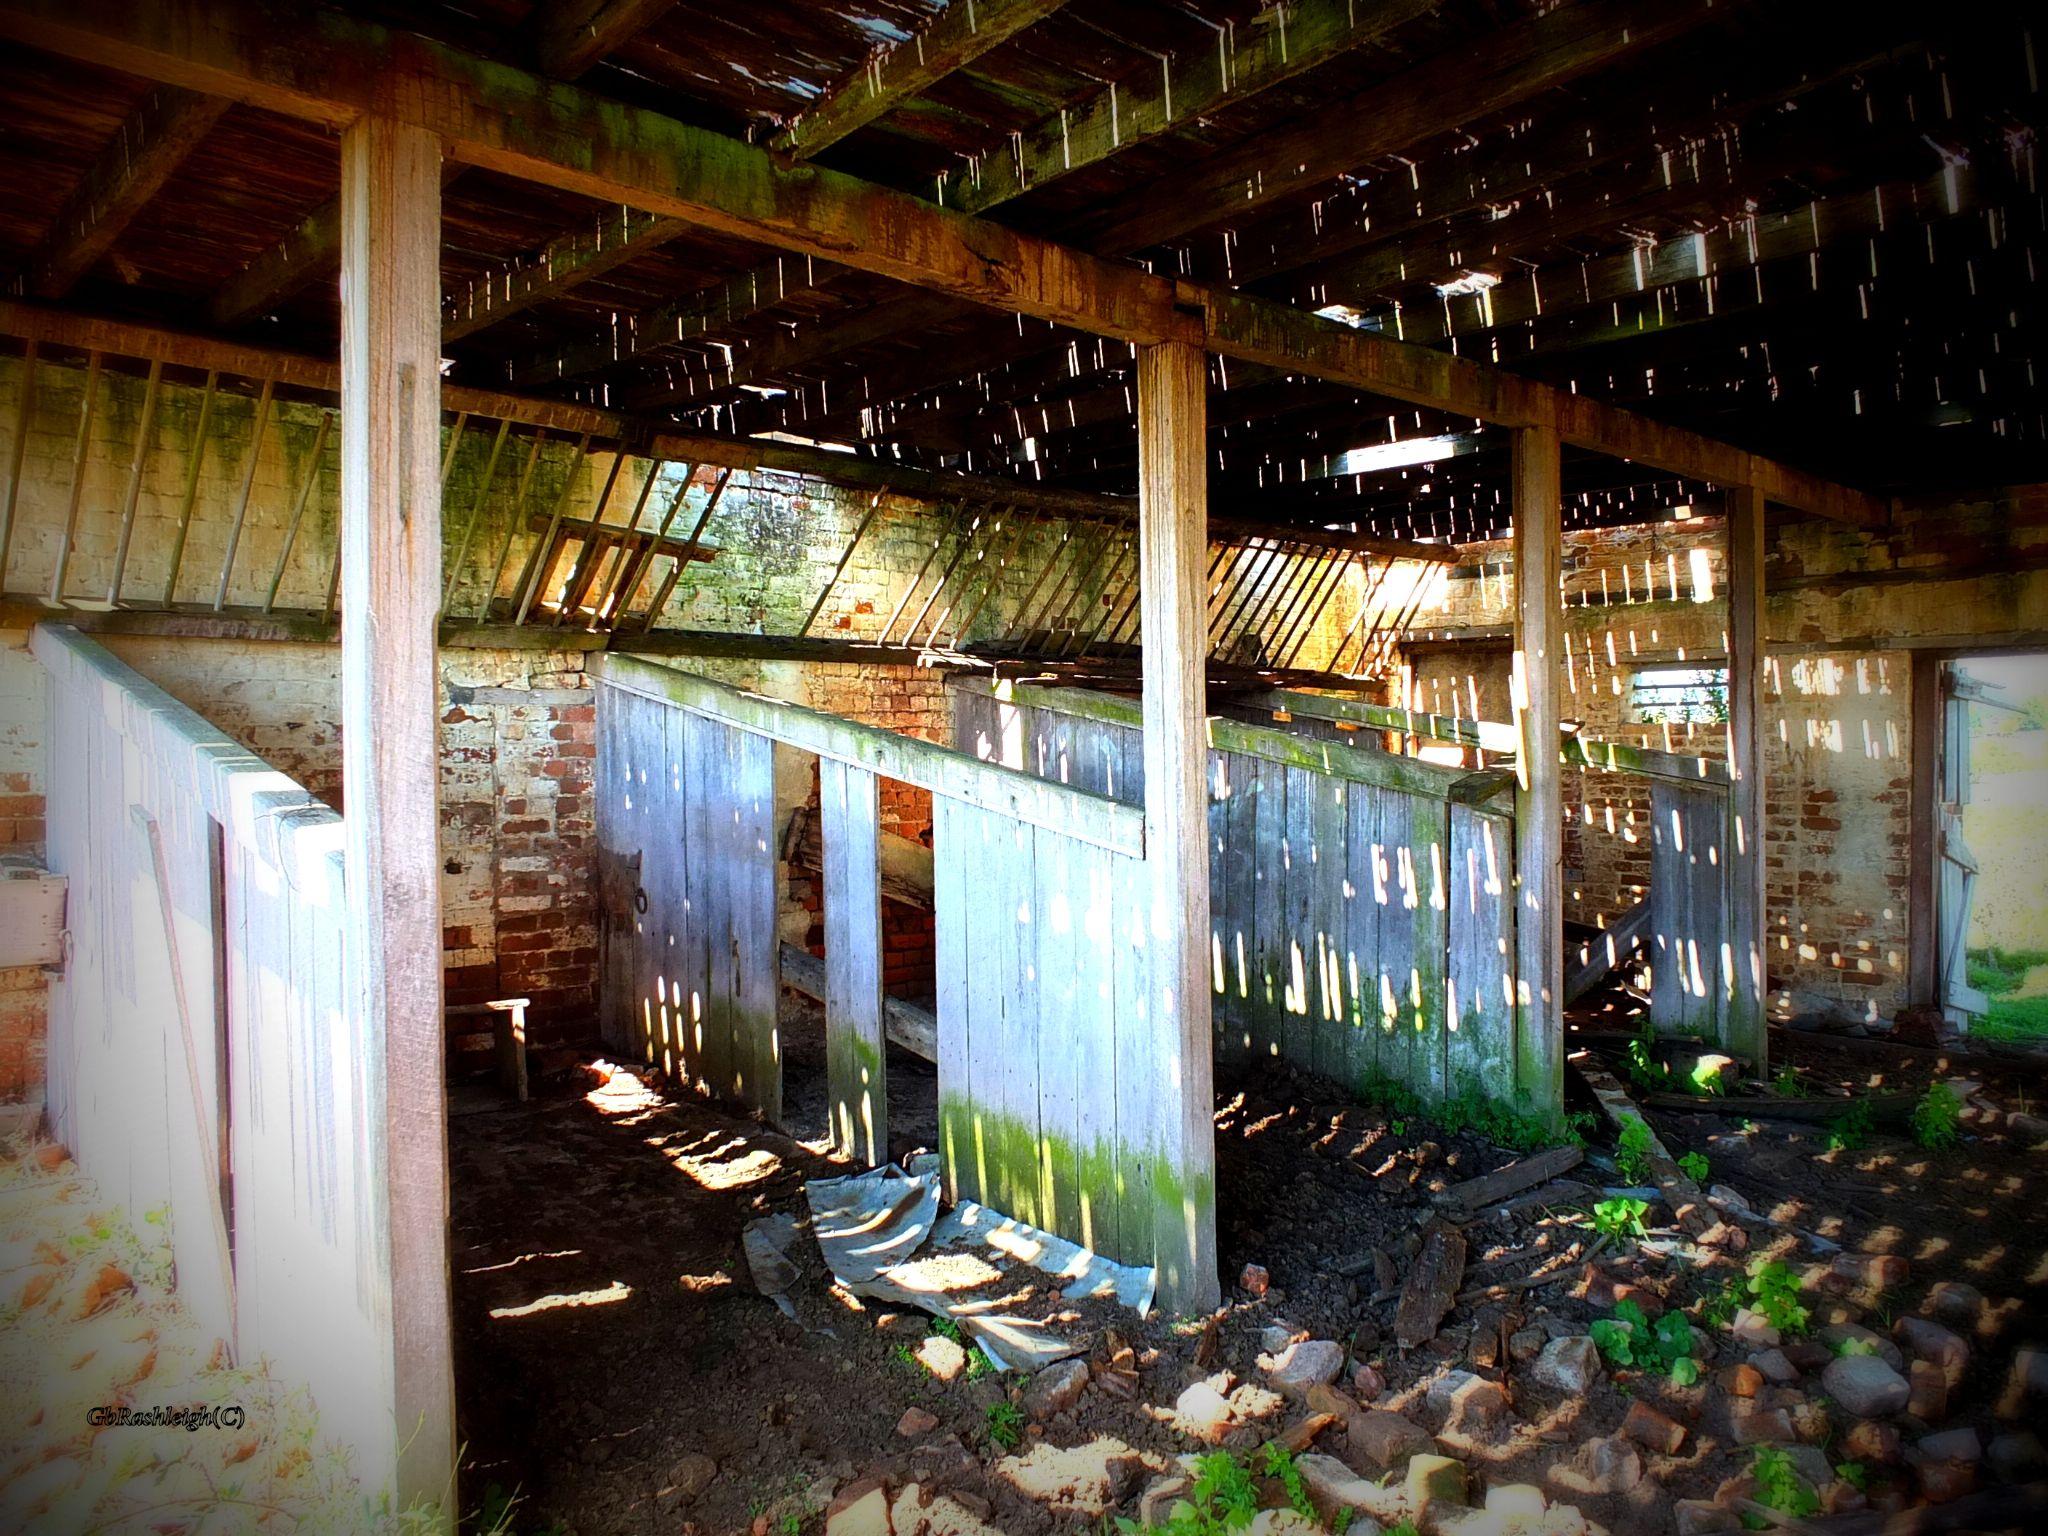 Derelict Stable Tenterfield  by gpaulsen